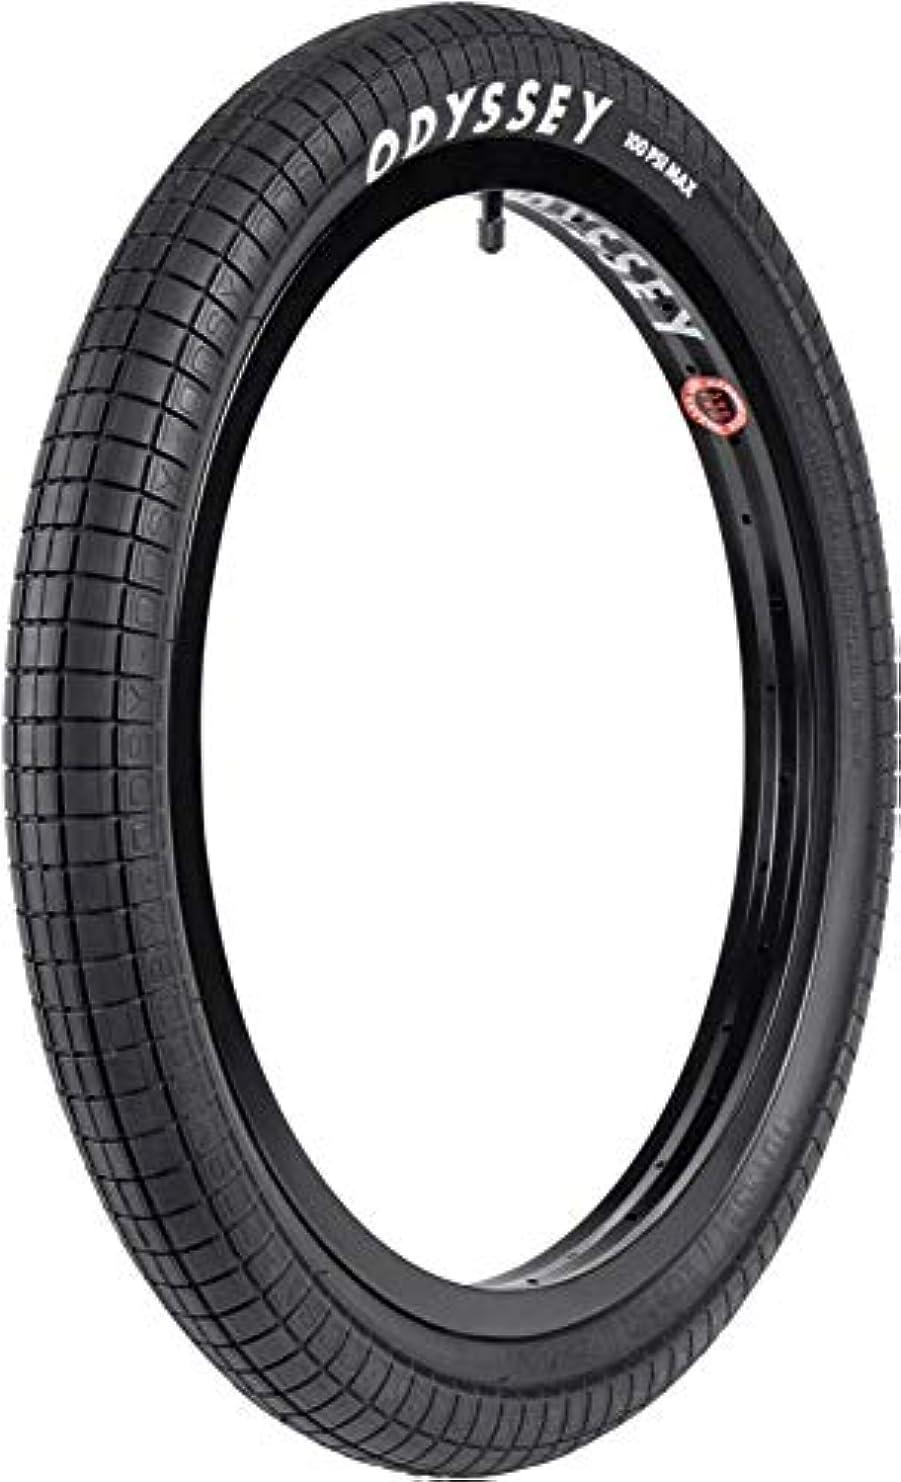 解き明かすサイクルクマノミODYSSEY Aaron Ross V2 20 x 2.4 ブラックタイヤ